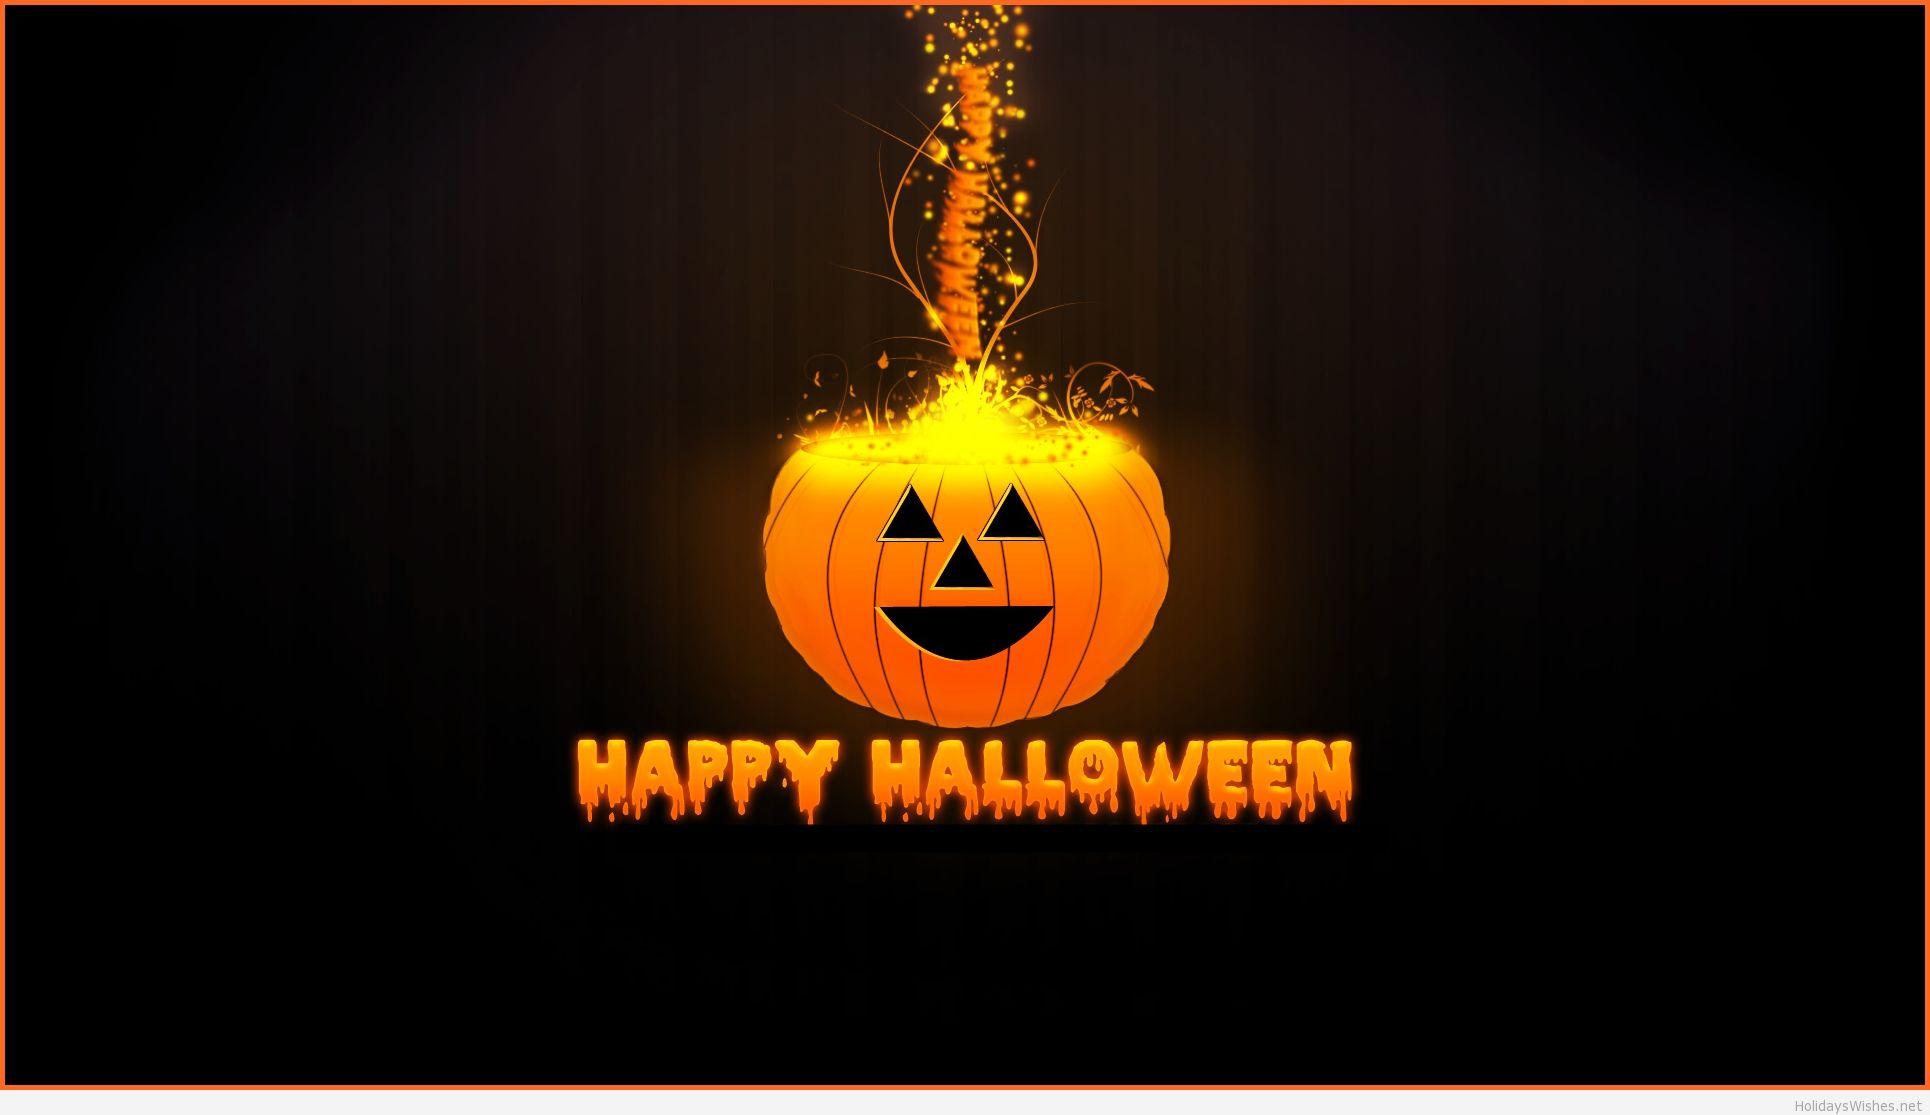 Happy-Halloween-desktop-wallpaper